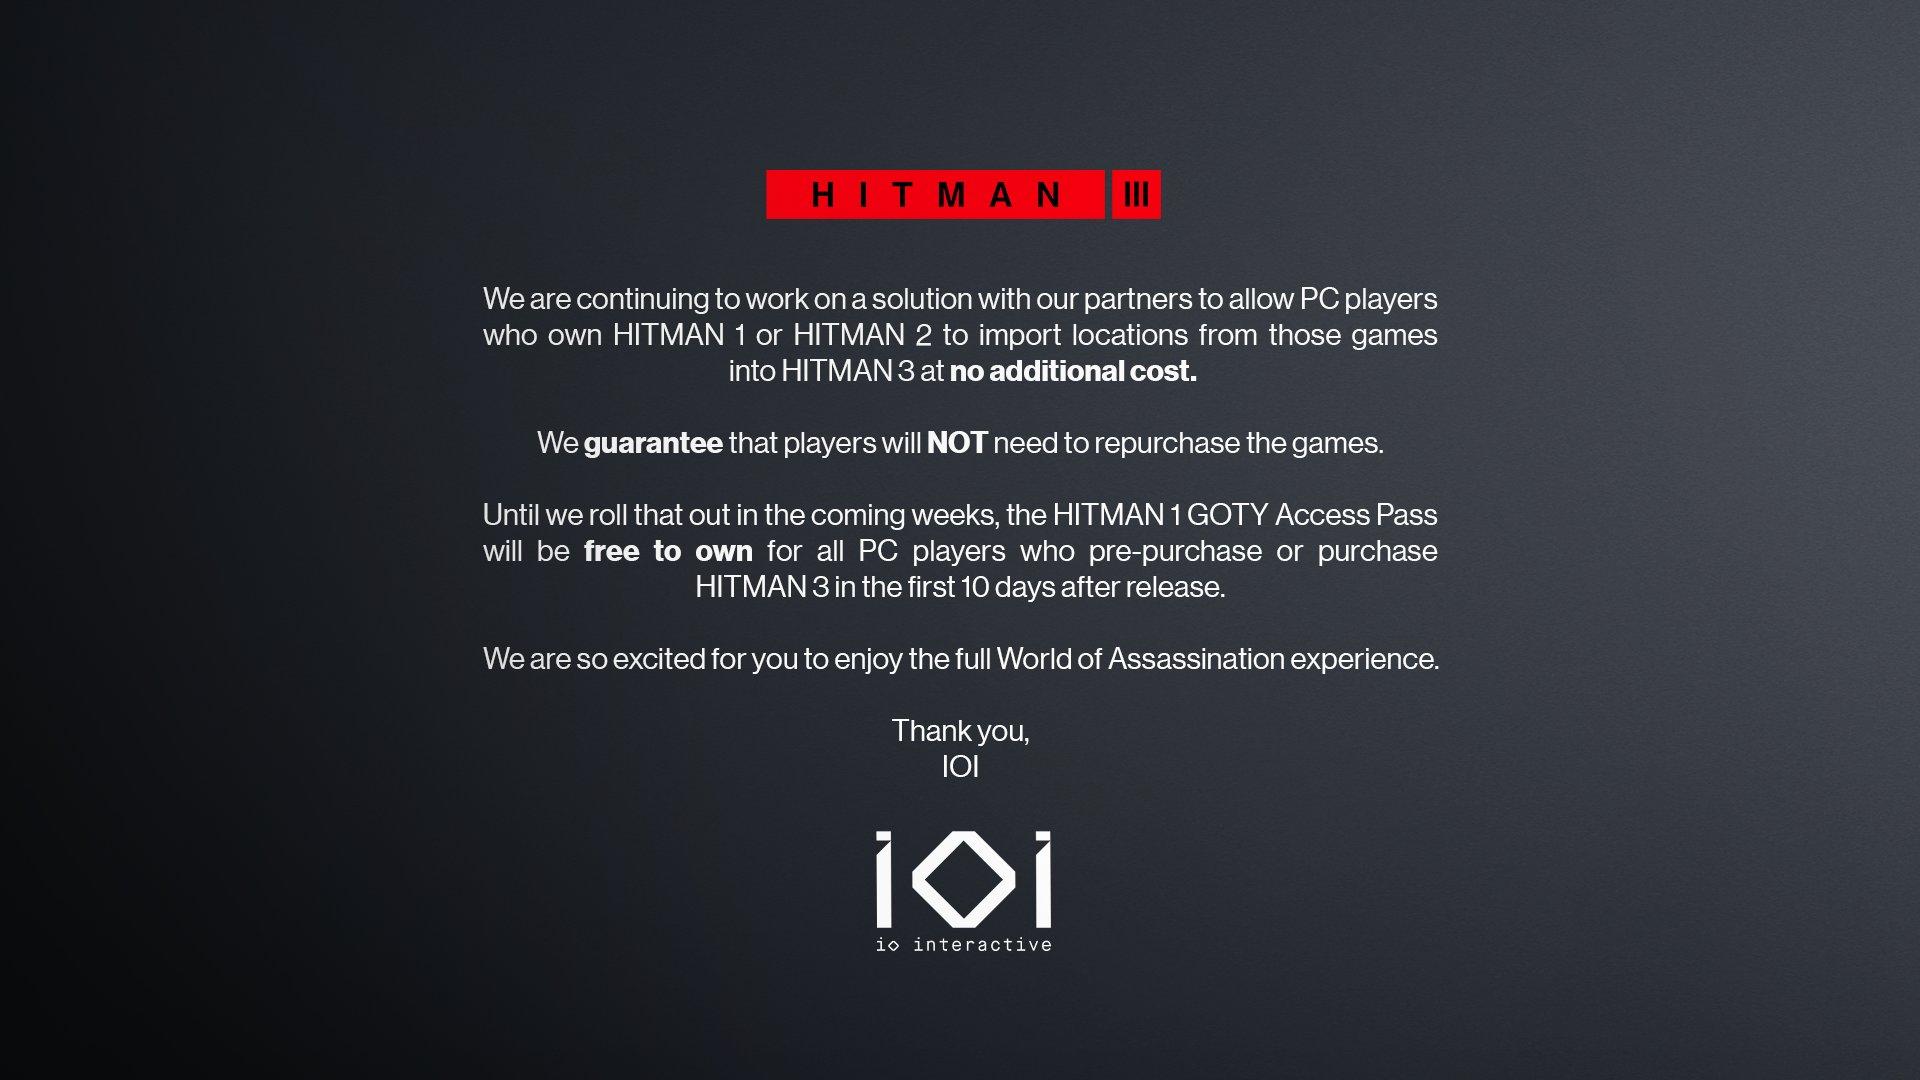 Aktualizováno: Hitman 3 a přenos úrovní z předchozích dílů 1 16